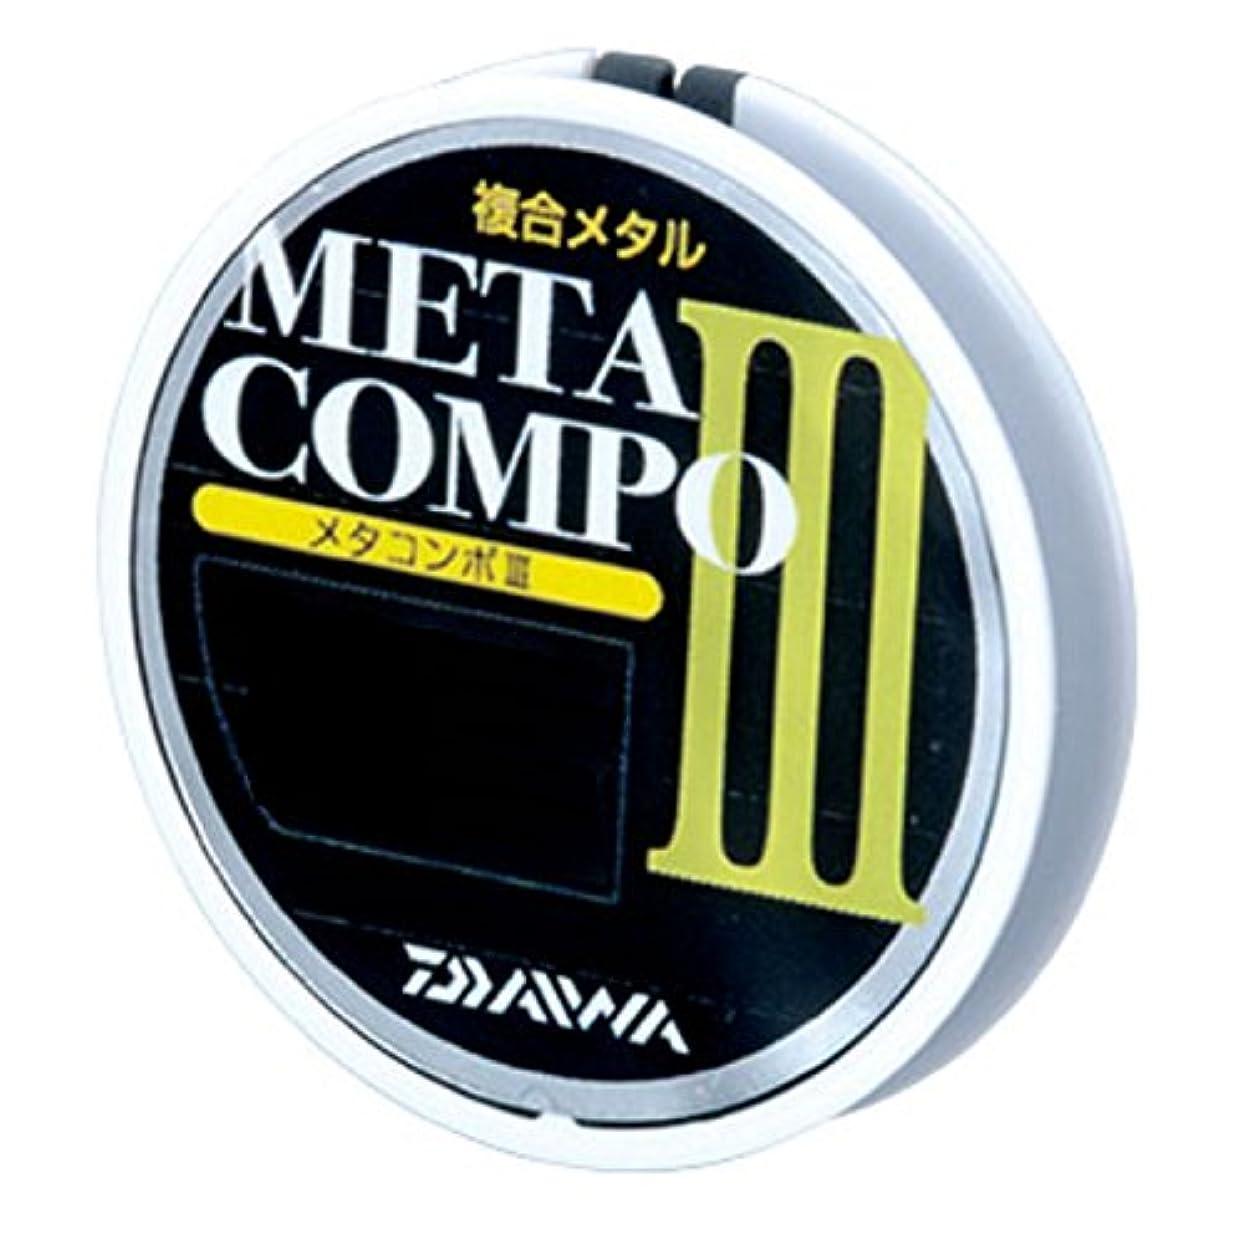 作成する違反肩をすくめるダイワ(Daiwa) メタルライン メタコンポIII 12m+1m 0.2号 ブラック